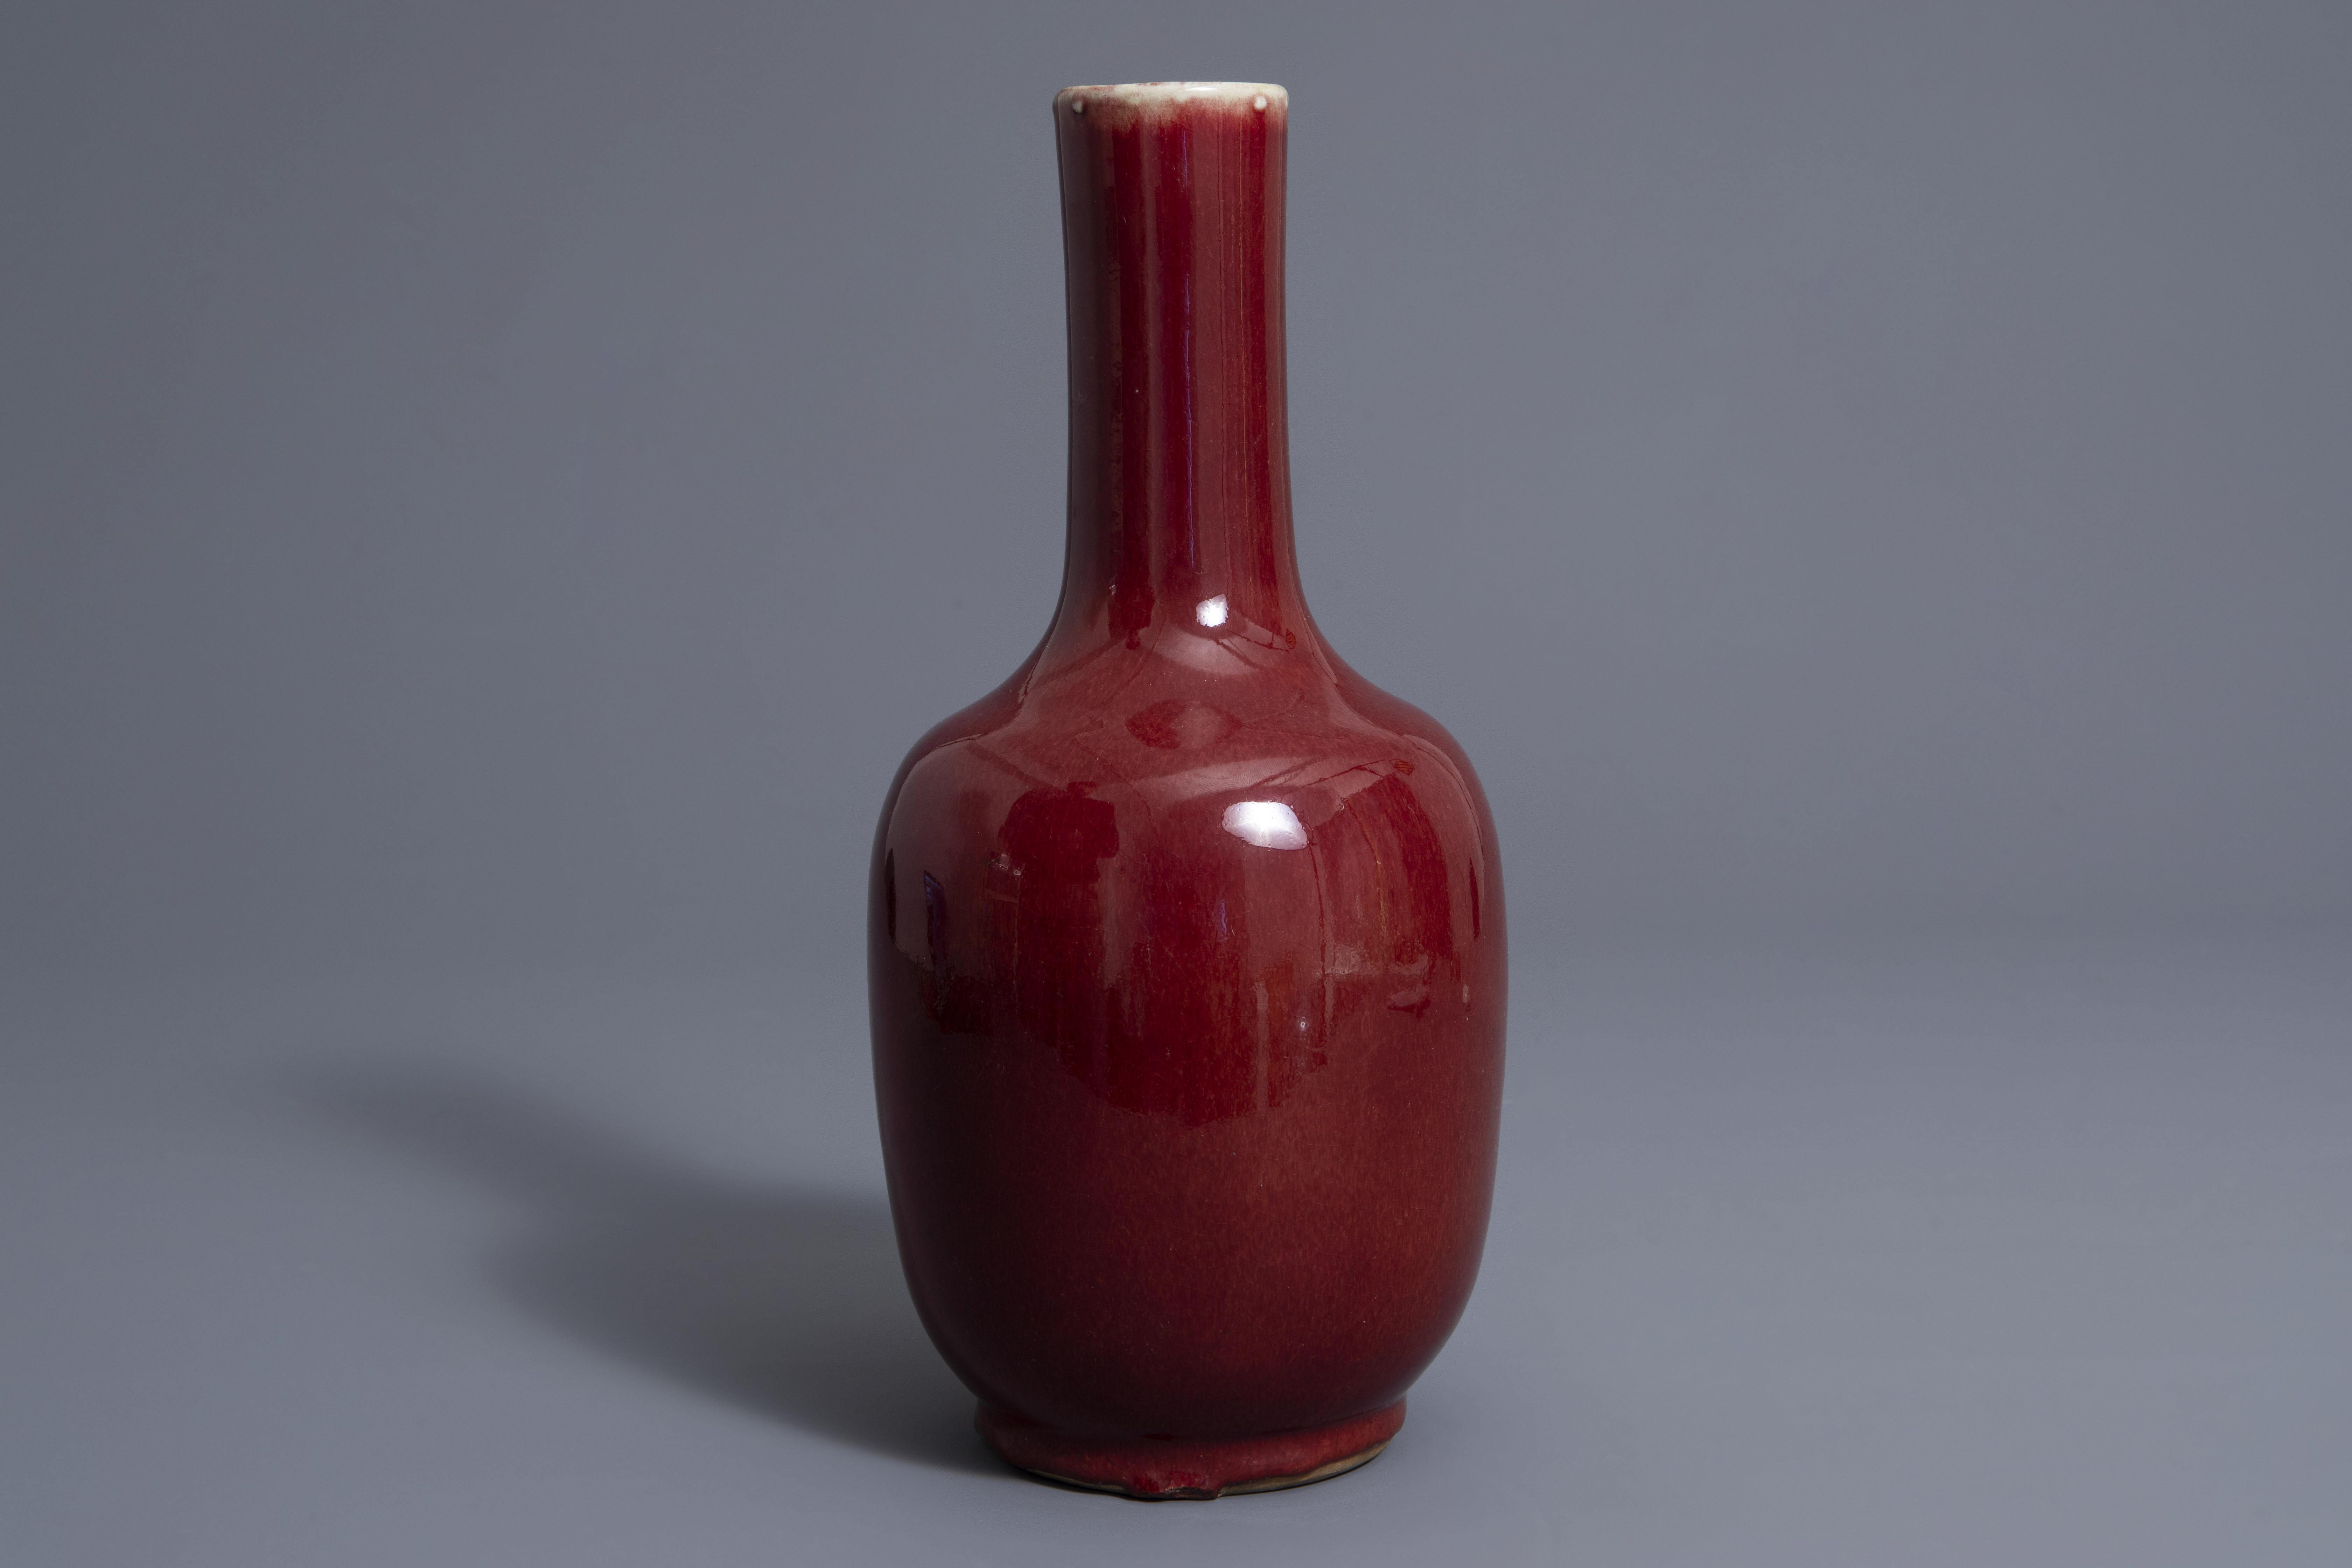 A Chinese sang de boeuf glazed bottle vase, Kangxi mark, 19th C. - Image 3 of 7